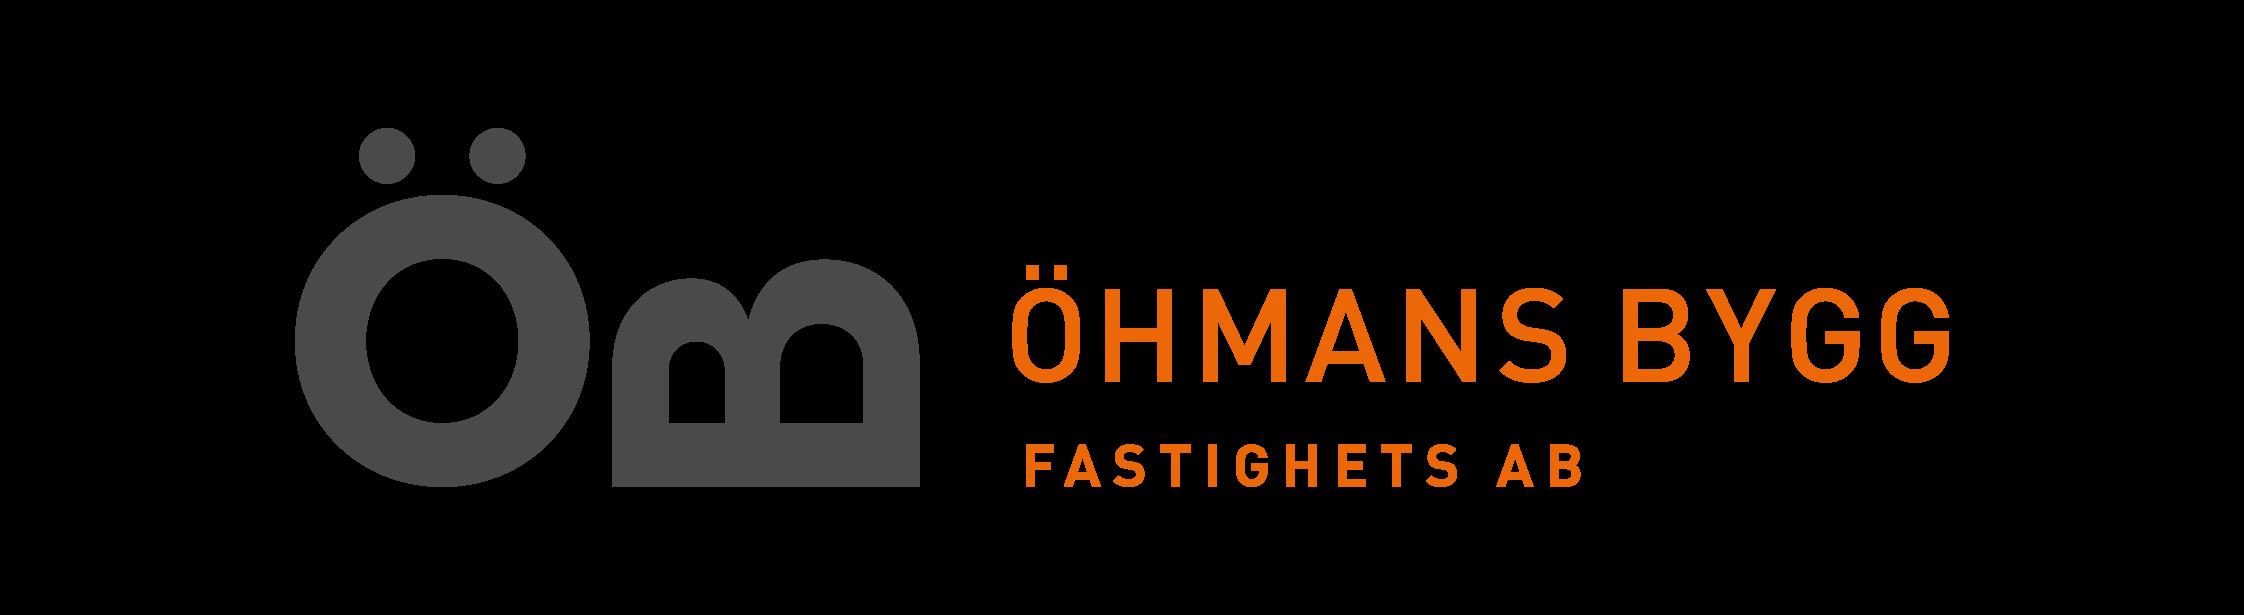 Öhmans Bygg